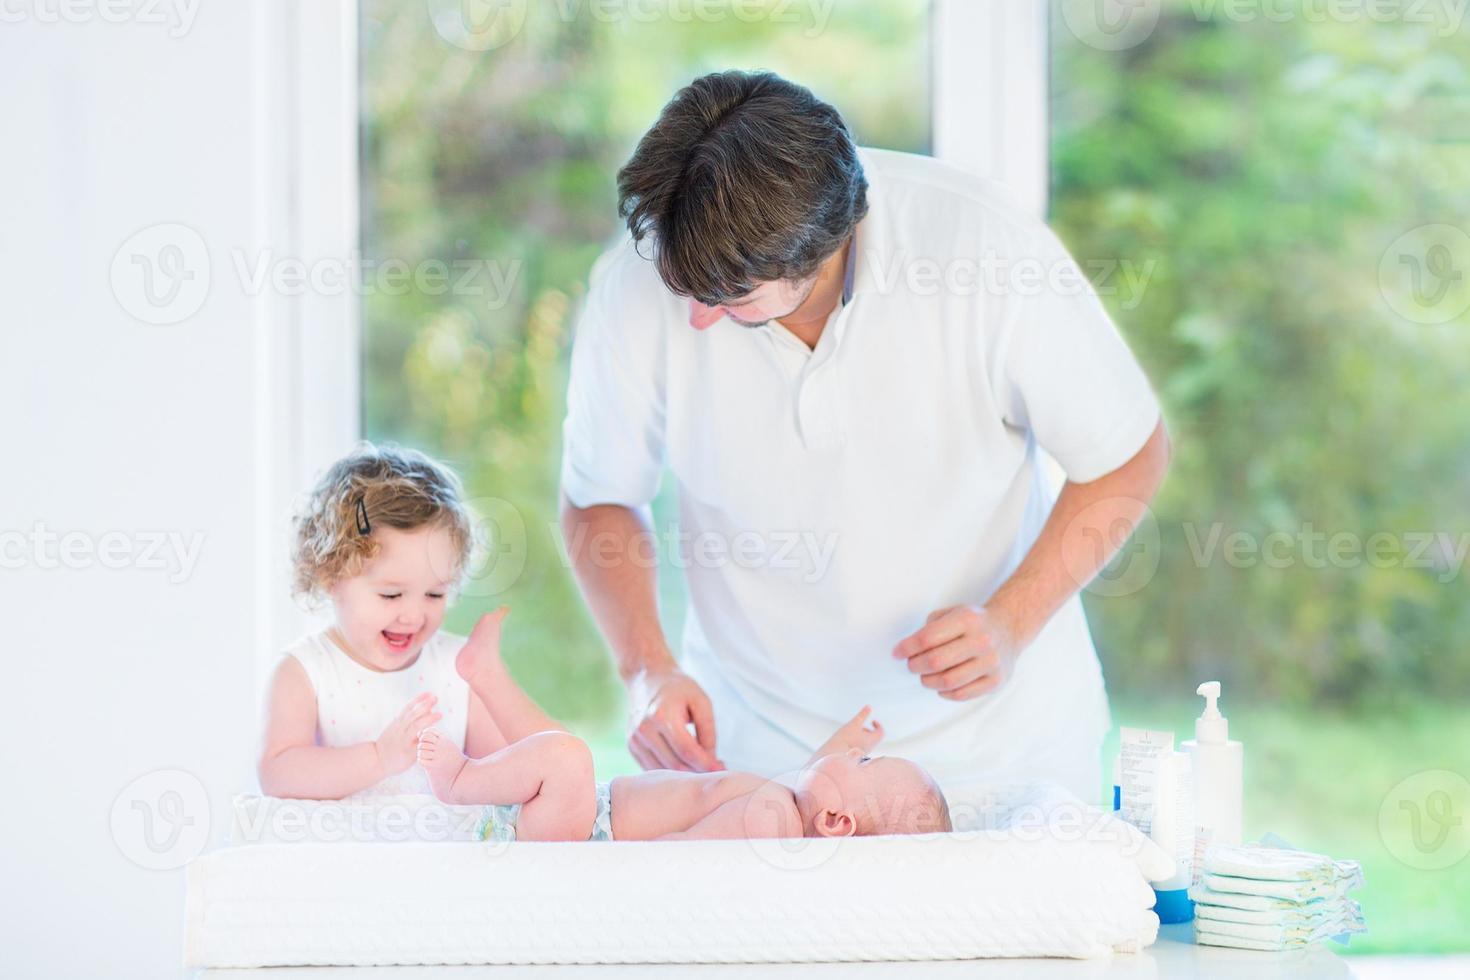 bebé recién nacido mirando a su padre y hermana cambiando pañales foto